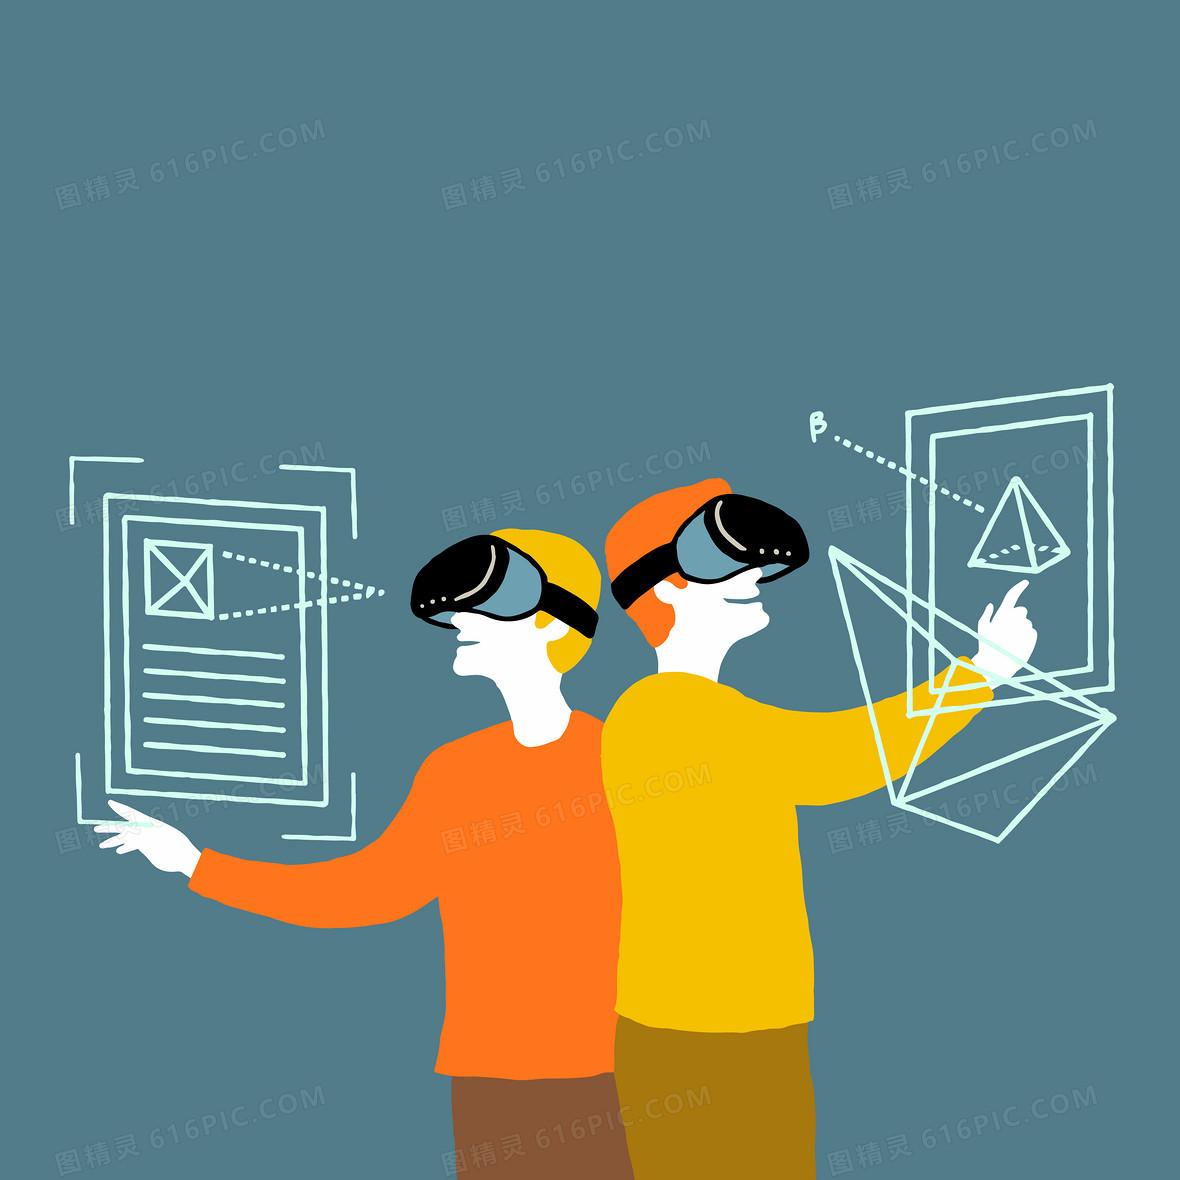 手绘虚拟现实体验人物背景素材